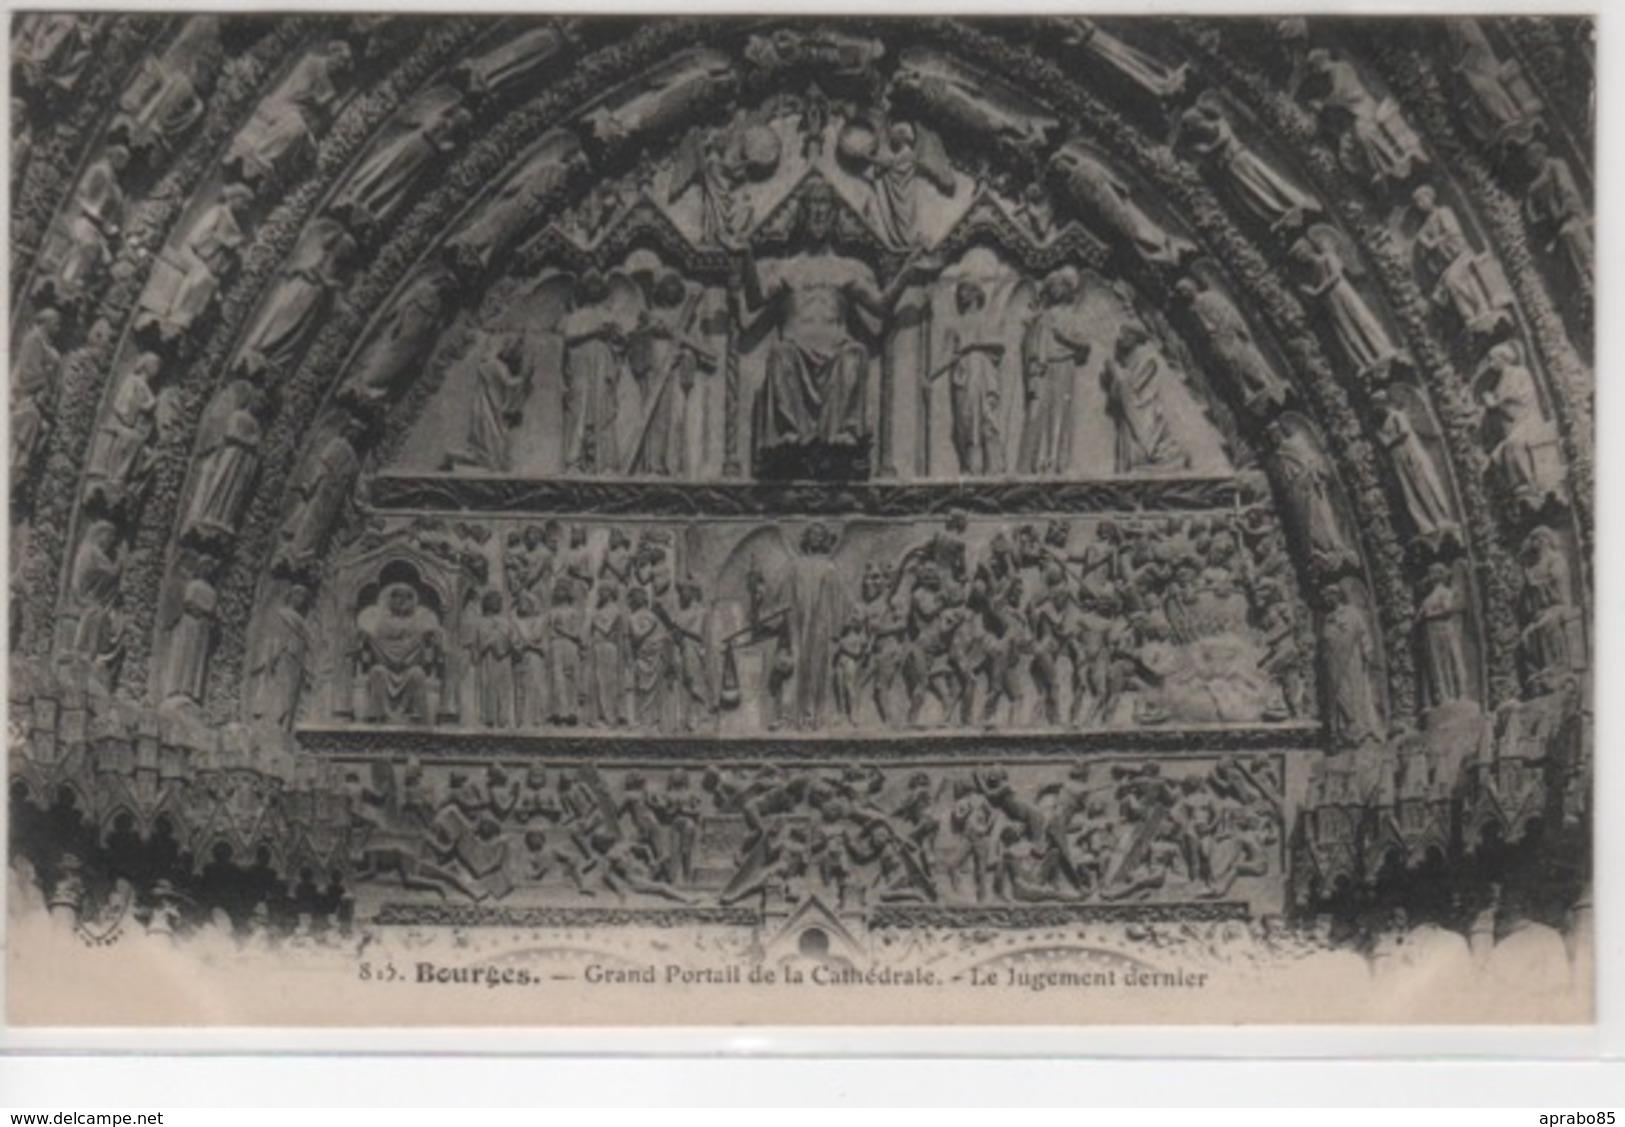 N°823 Grand Portail De La Cathédrale, Le Jugement Dernier - Bourges